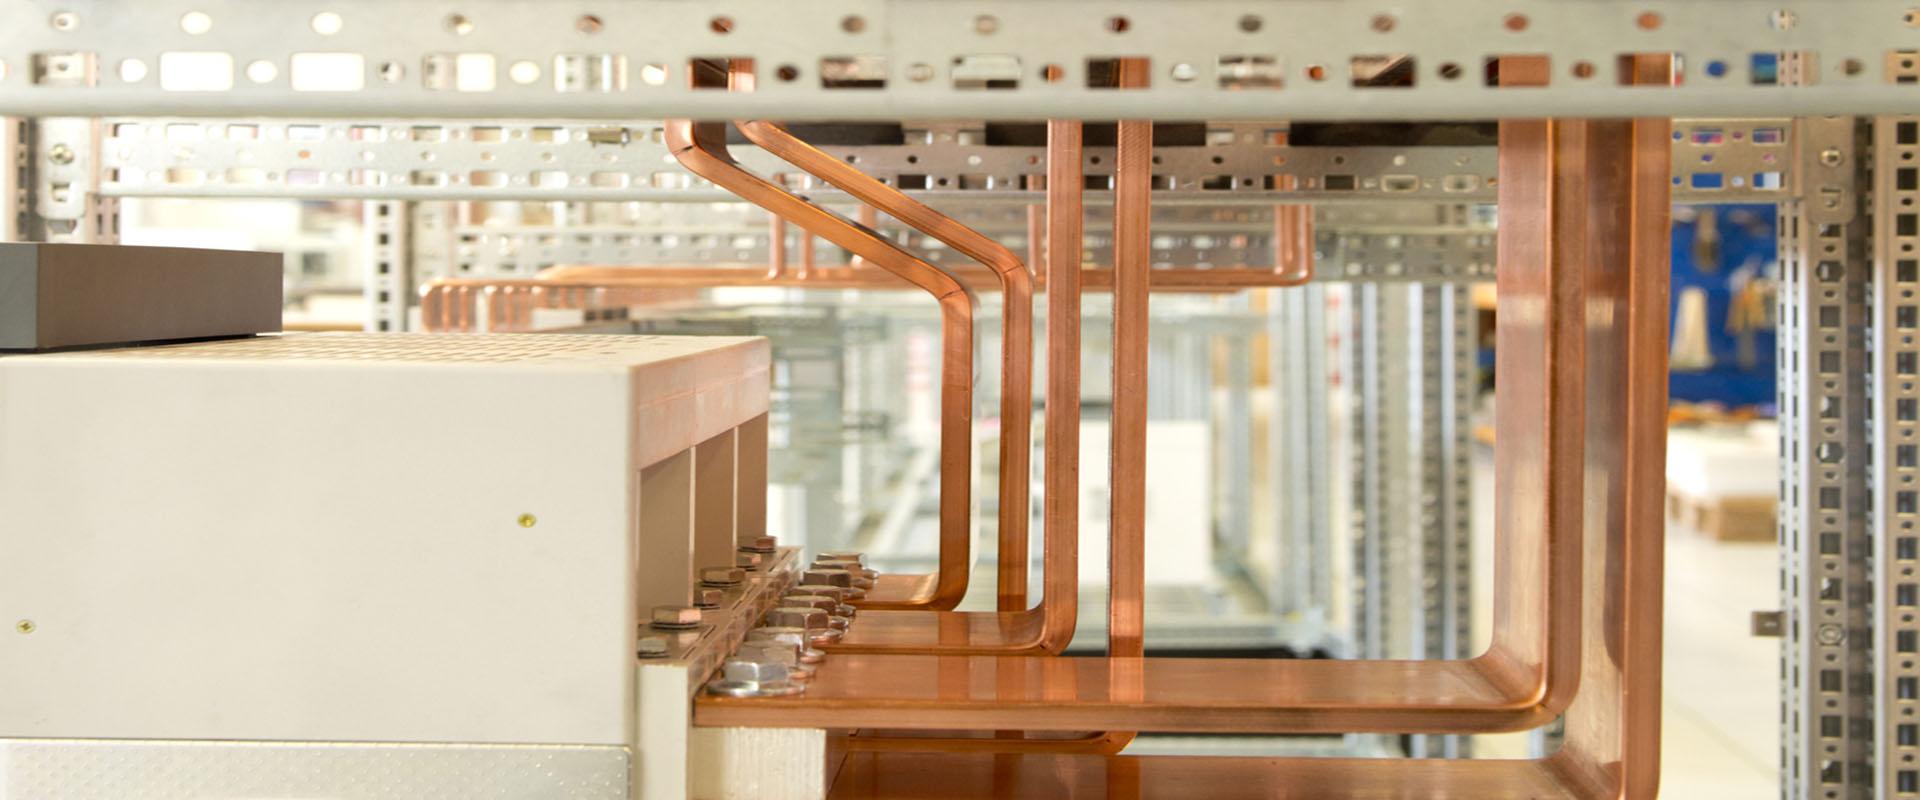 tableau-electrique-cuivre-3